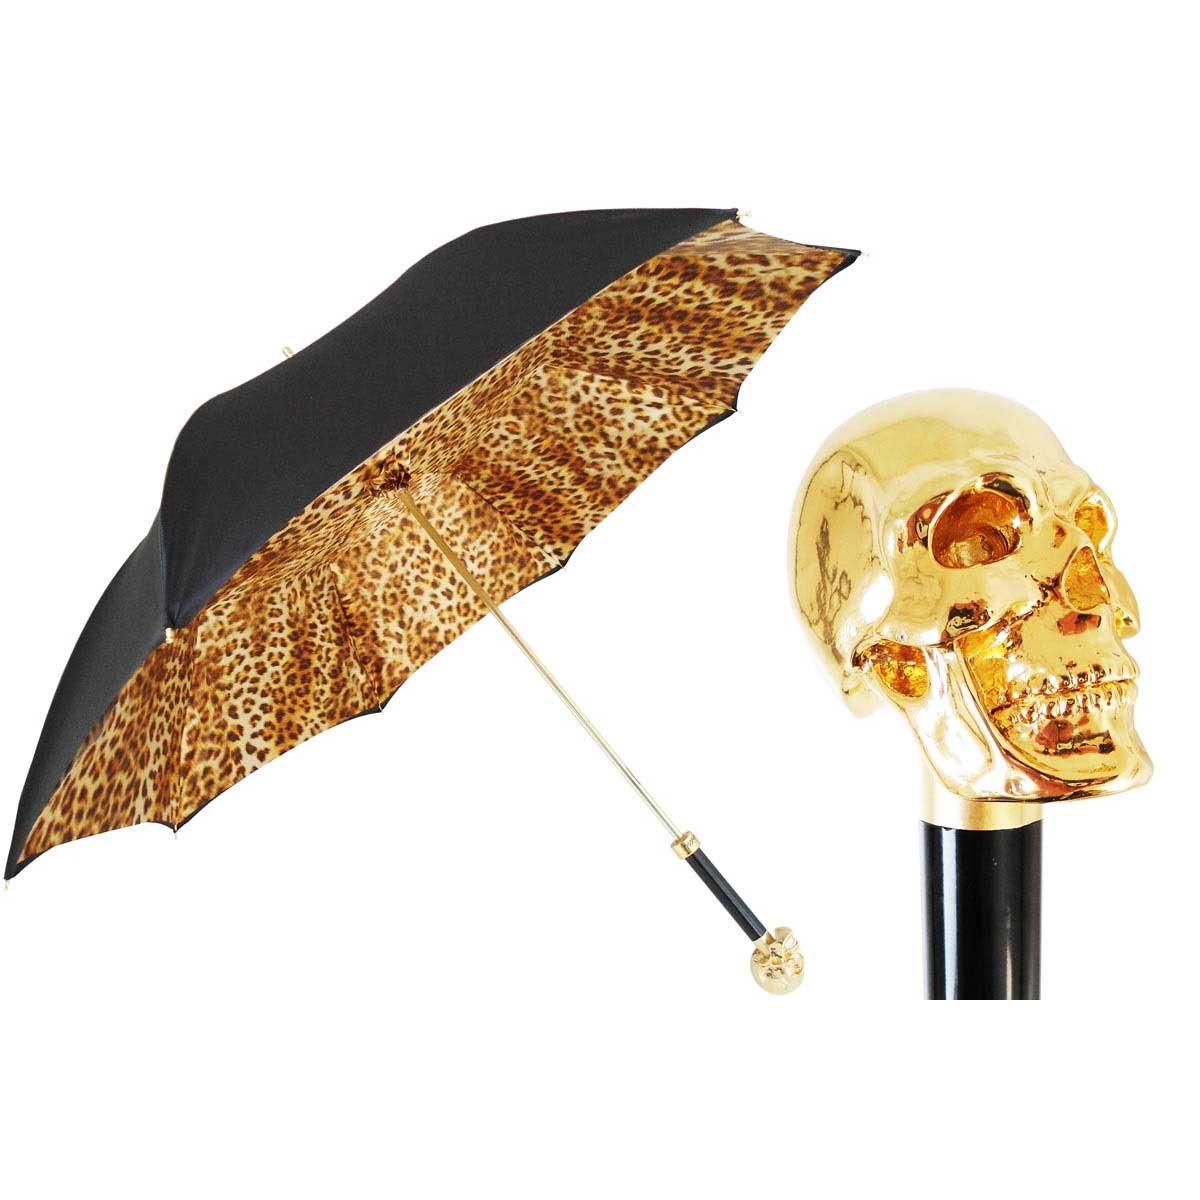 Pasotti Ombrelli Gold Skull Luxury Women S Umbrella